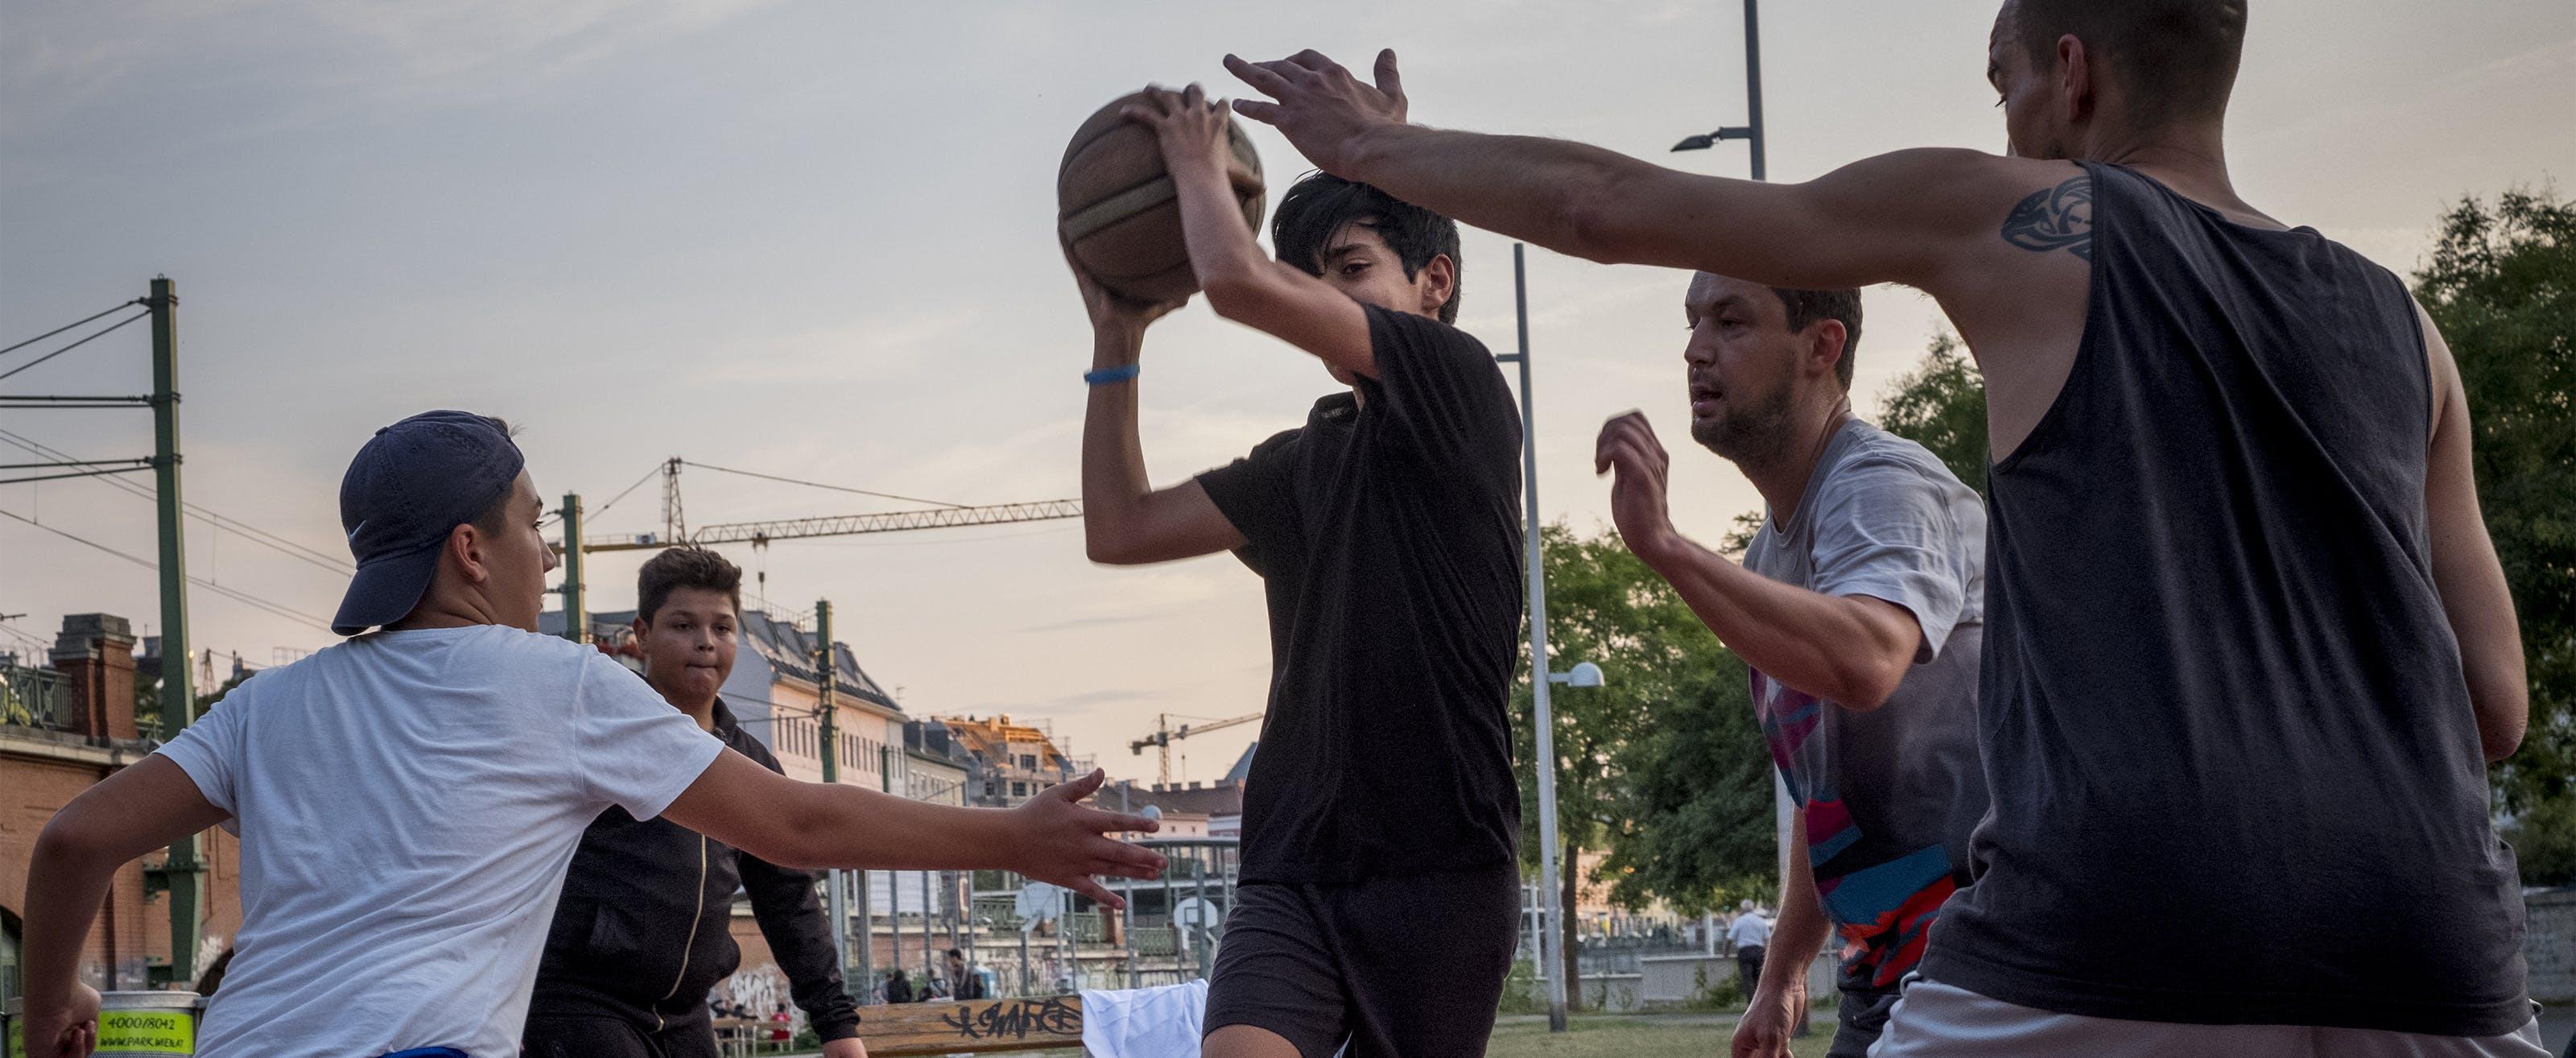 Un adolescente rifugiato gioca a basket con alcuni coetanei, in Austria